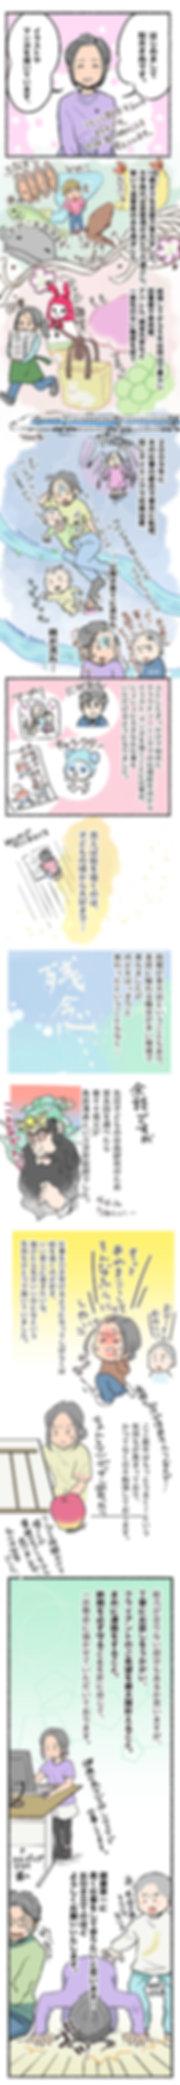 自己紹介2019.jpg